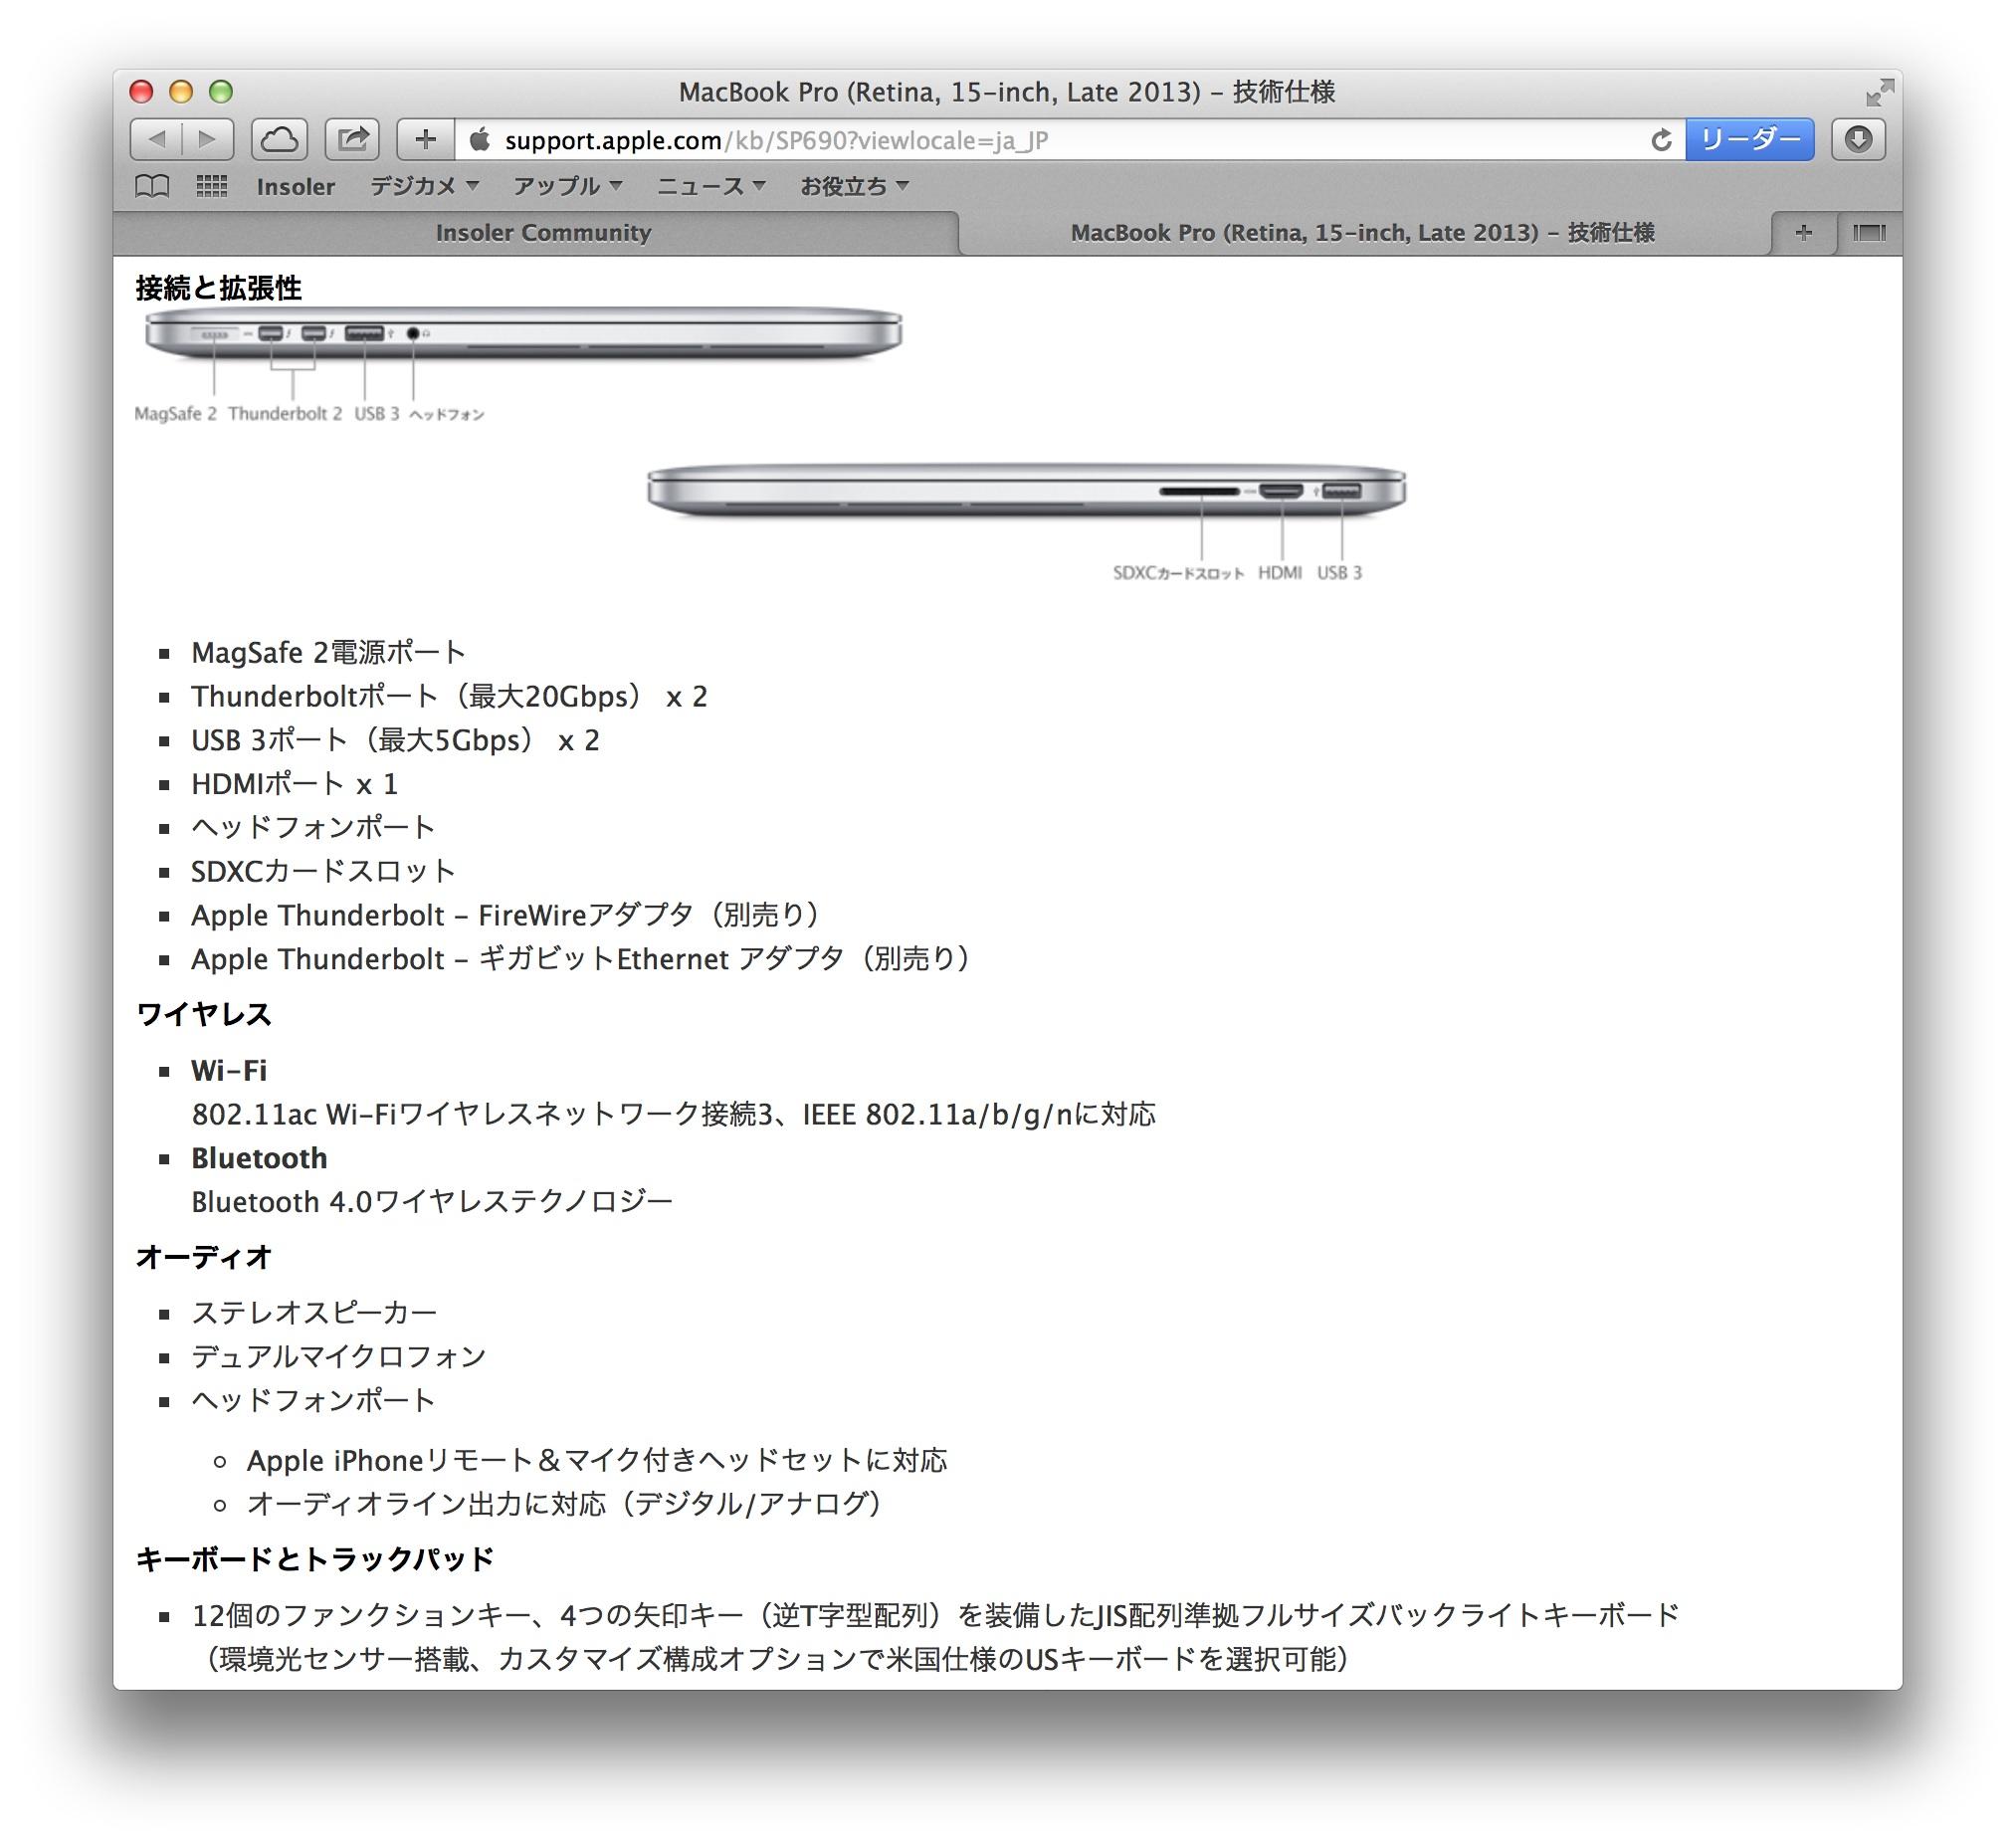 macbookpro15corei723retina15.jpg